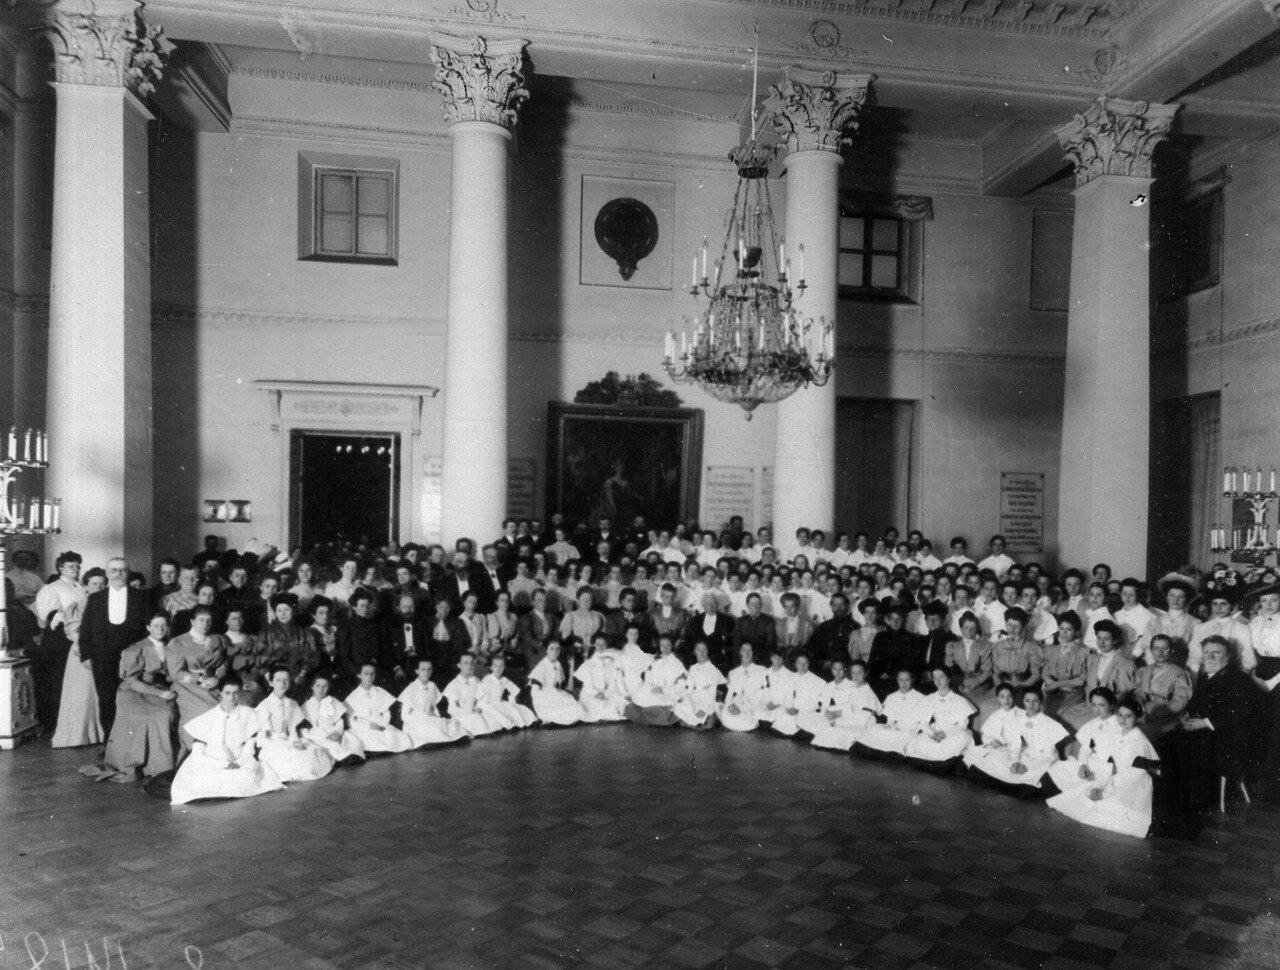 11. Группа учащихся и преподавателей института в актовом зале